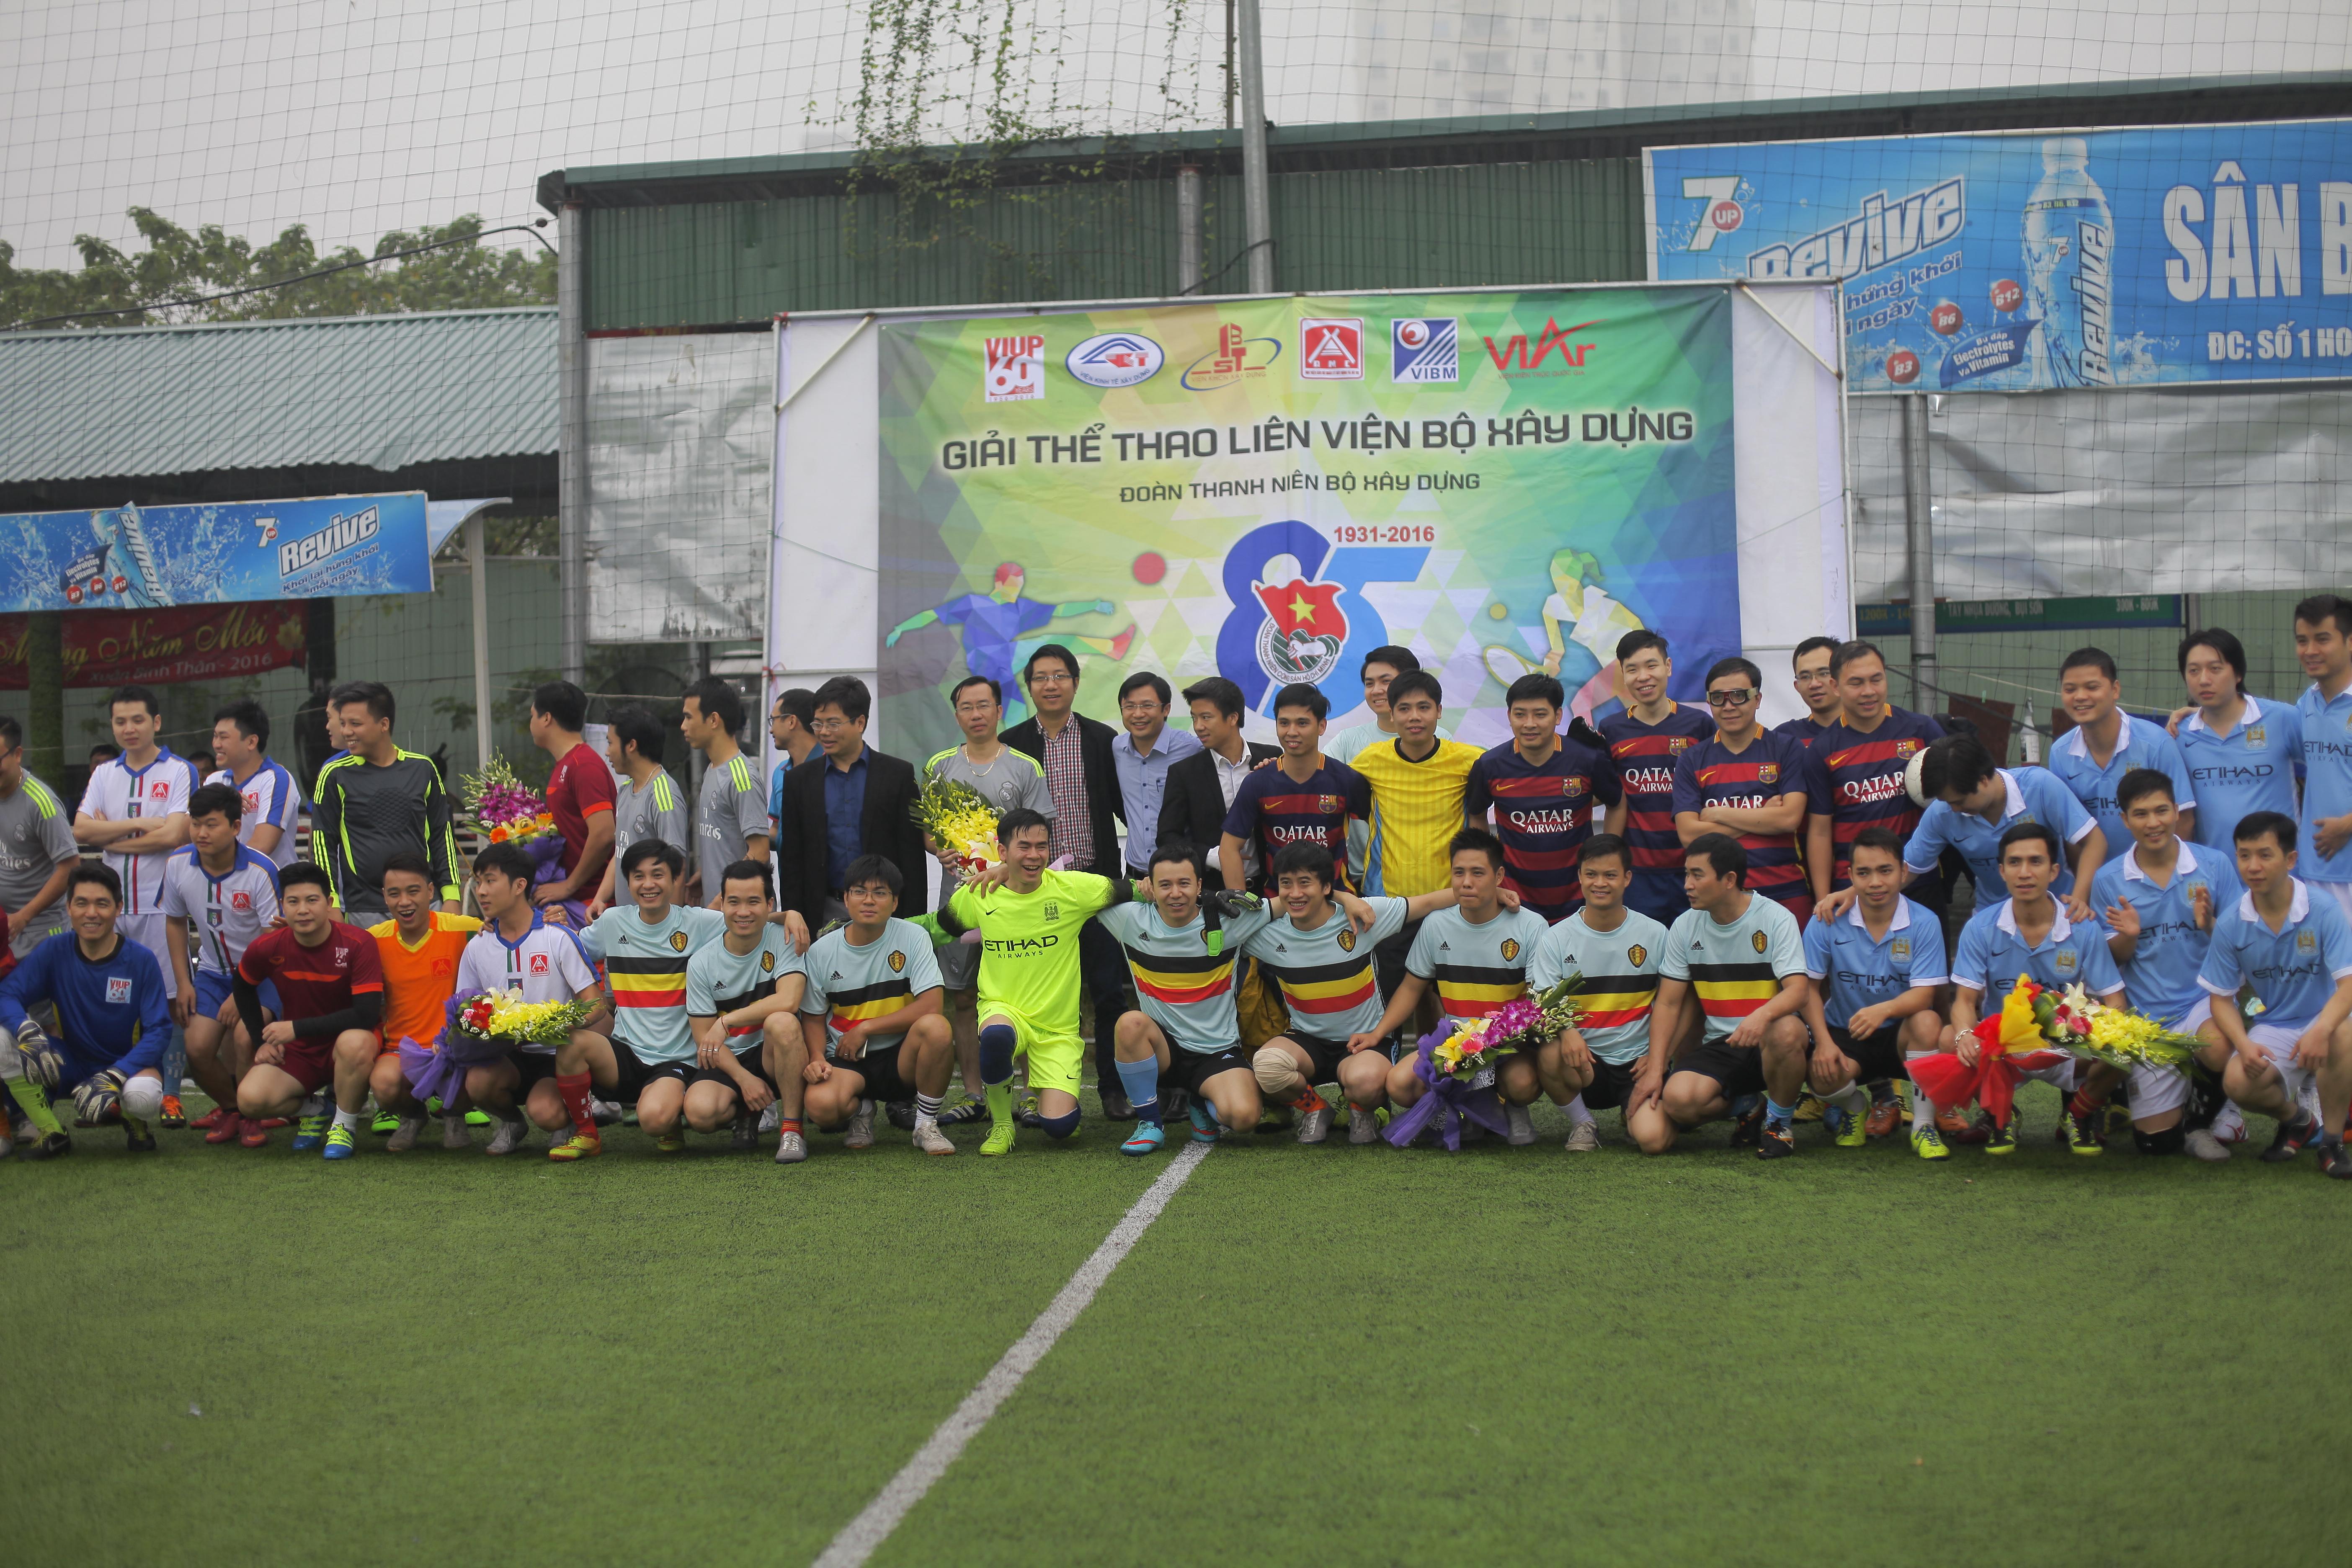 Viện KTQG tham dự giải thể thao liên Viện Bộ Xây dựng